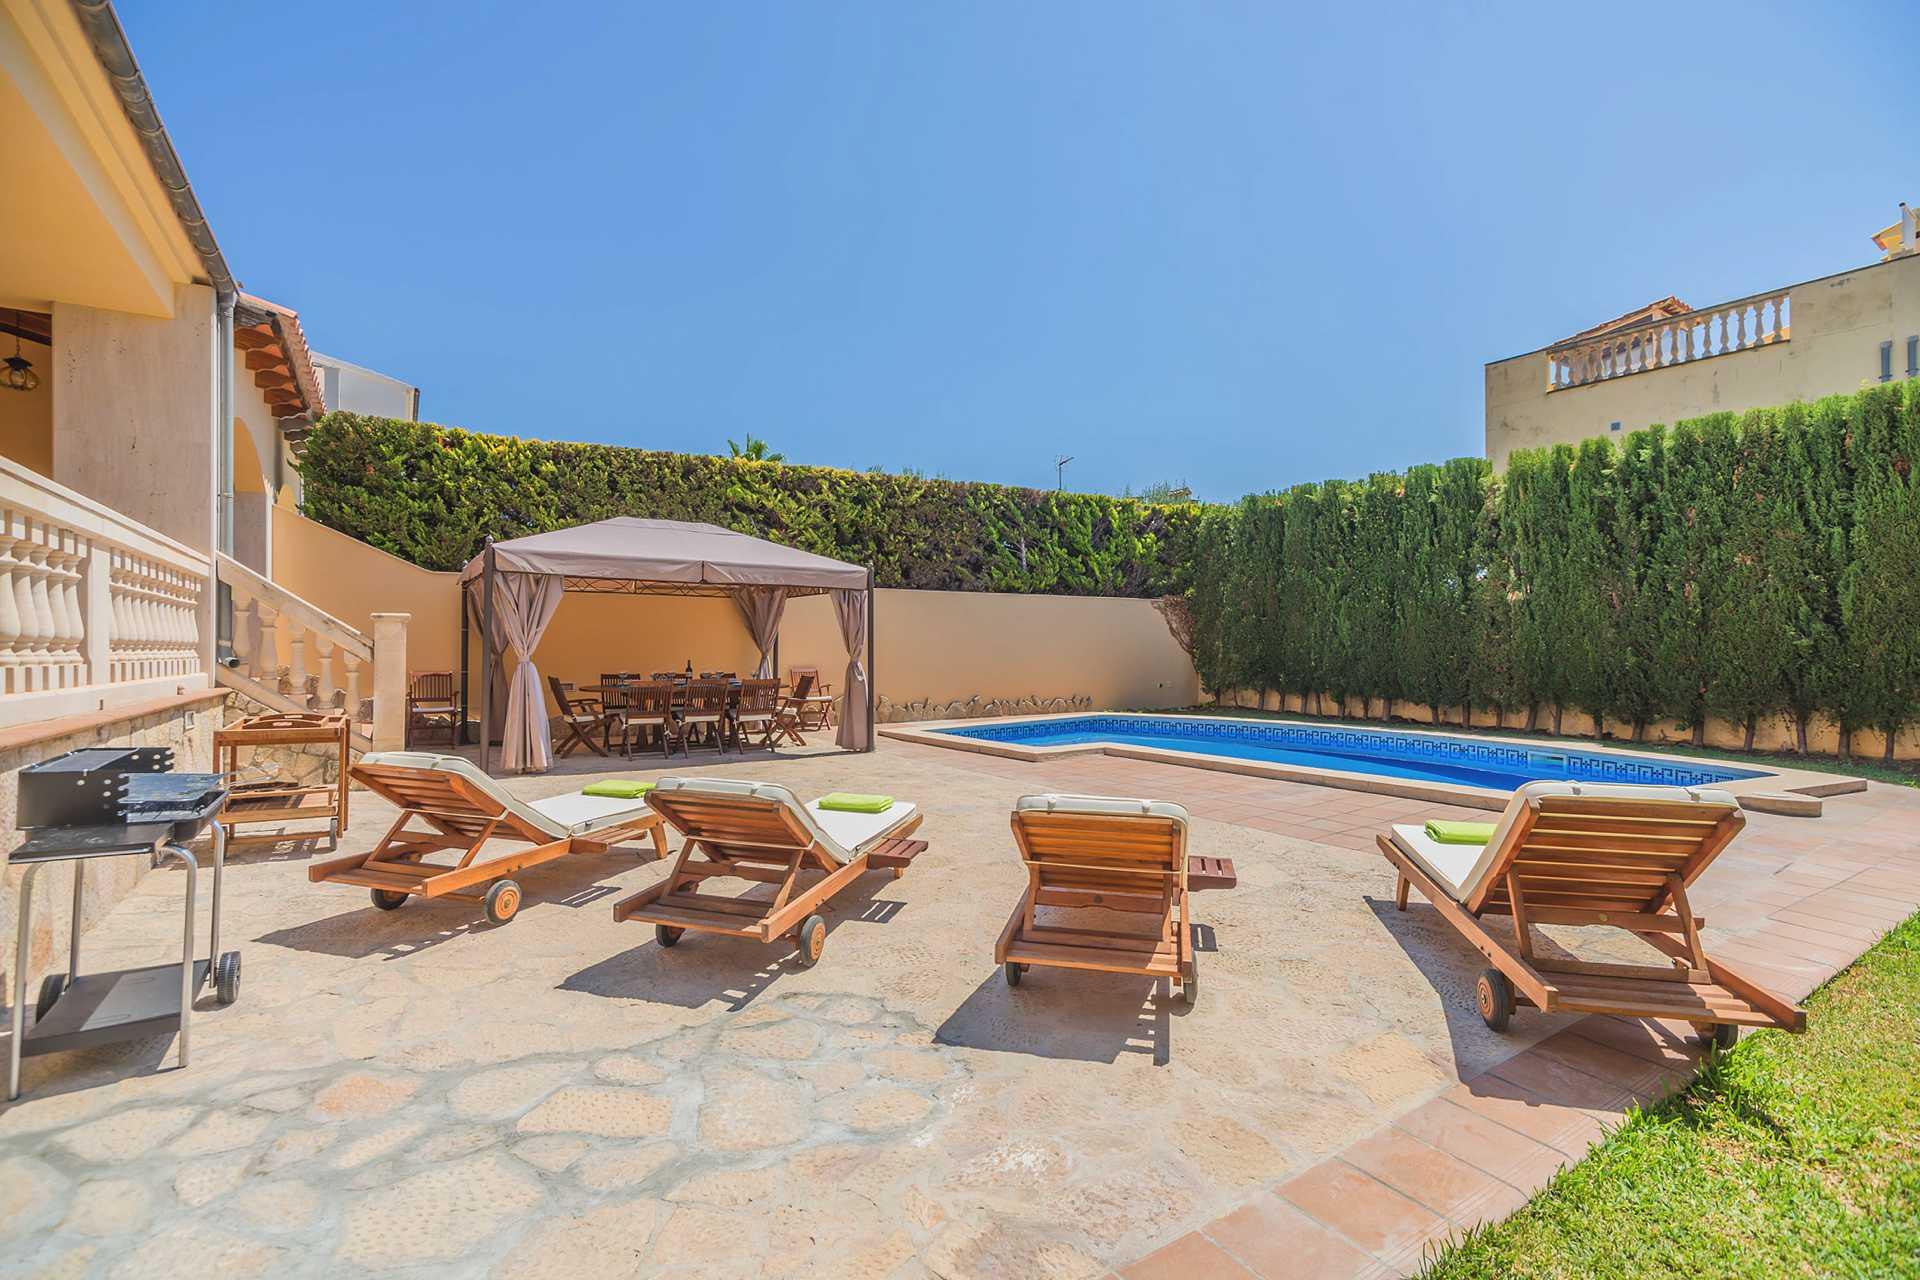 01-298 Golfplatz Chalet Mallorca Norden Bild 4